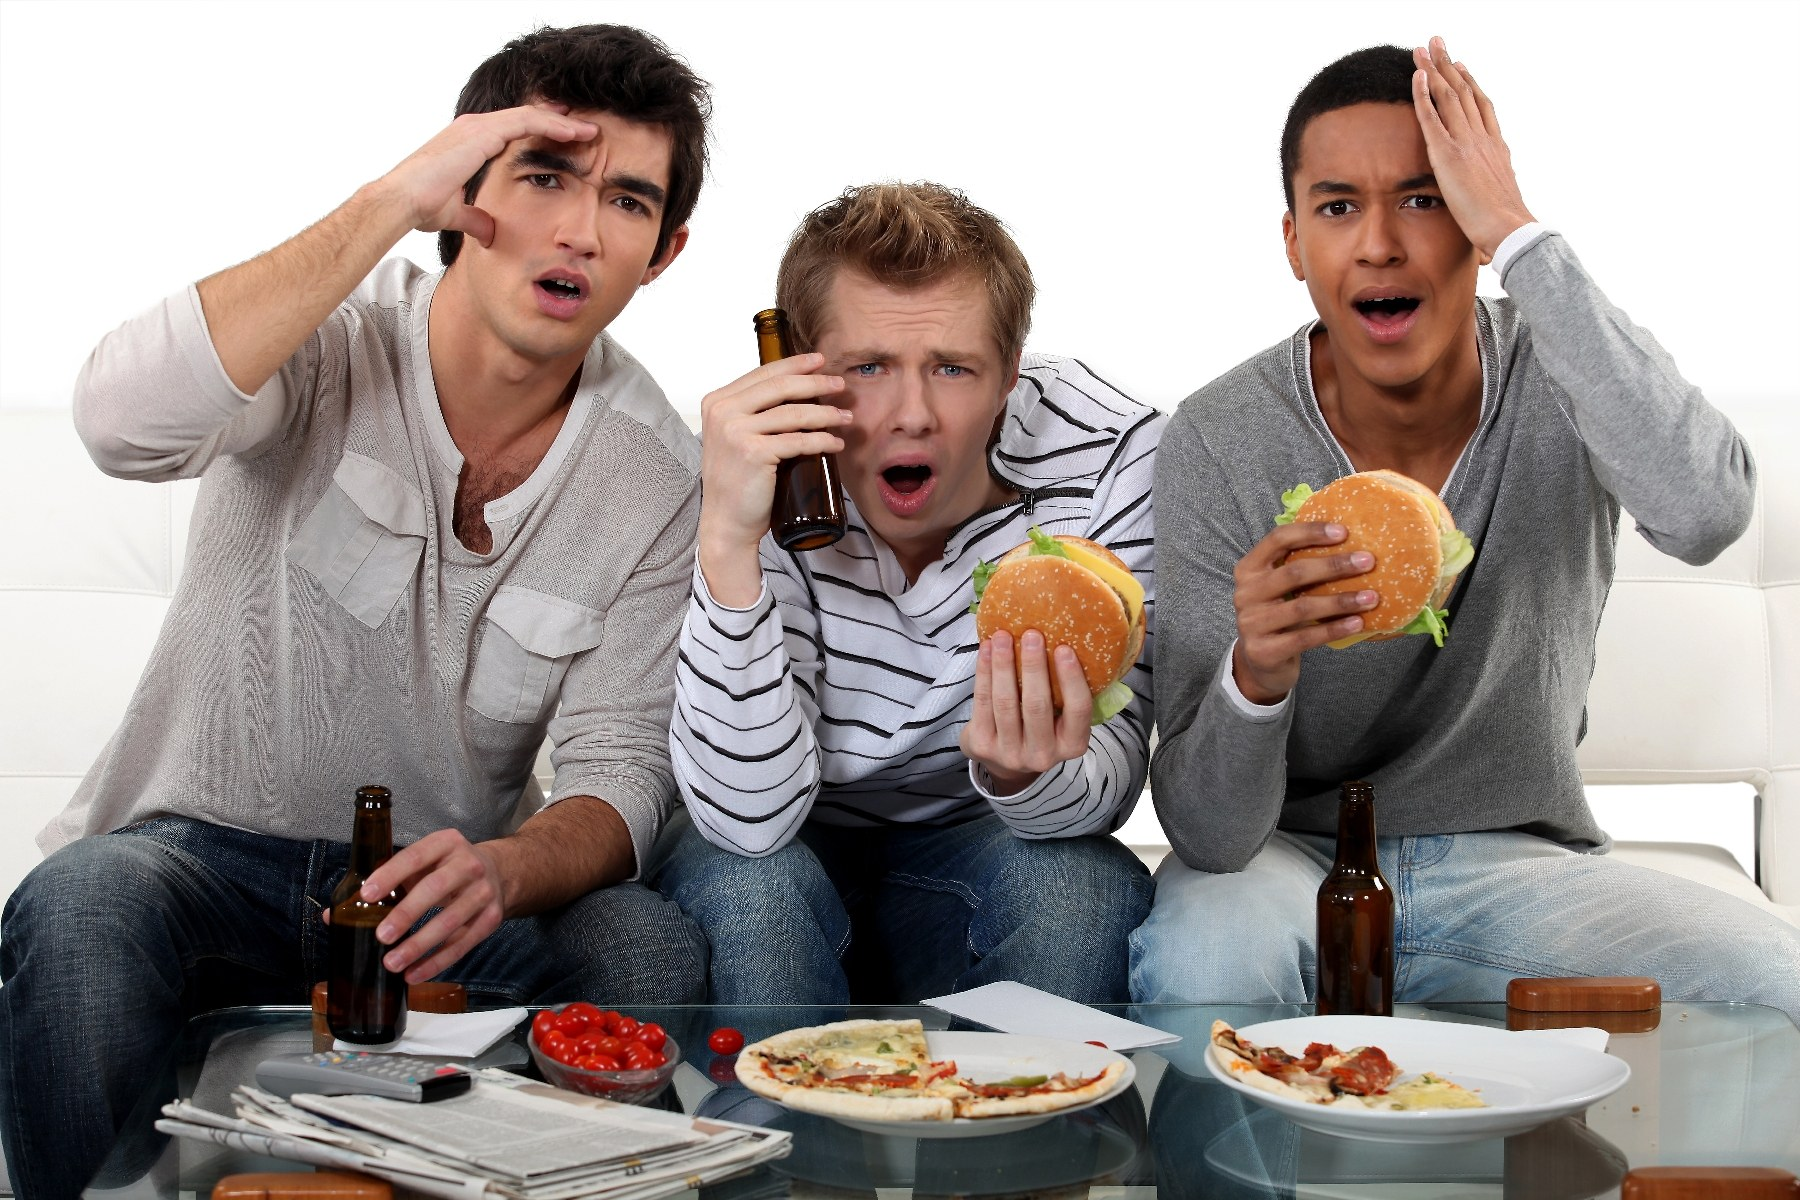 Τι τρώνε οι Ευρωπαίοι στο ημίχρονο